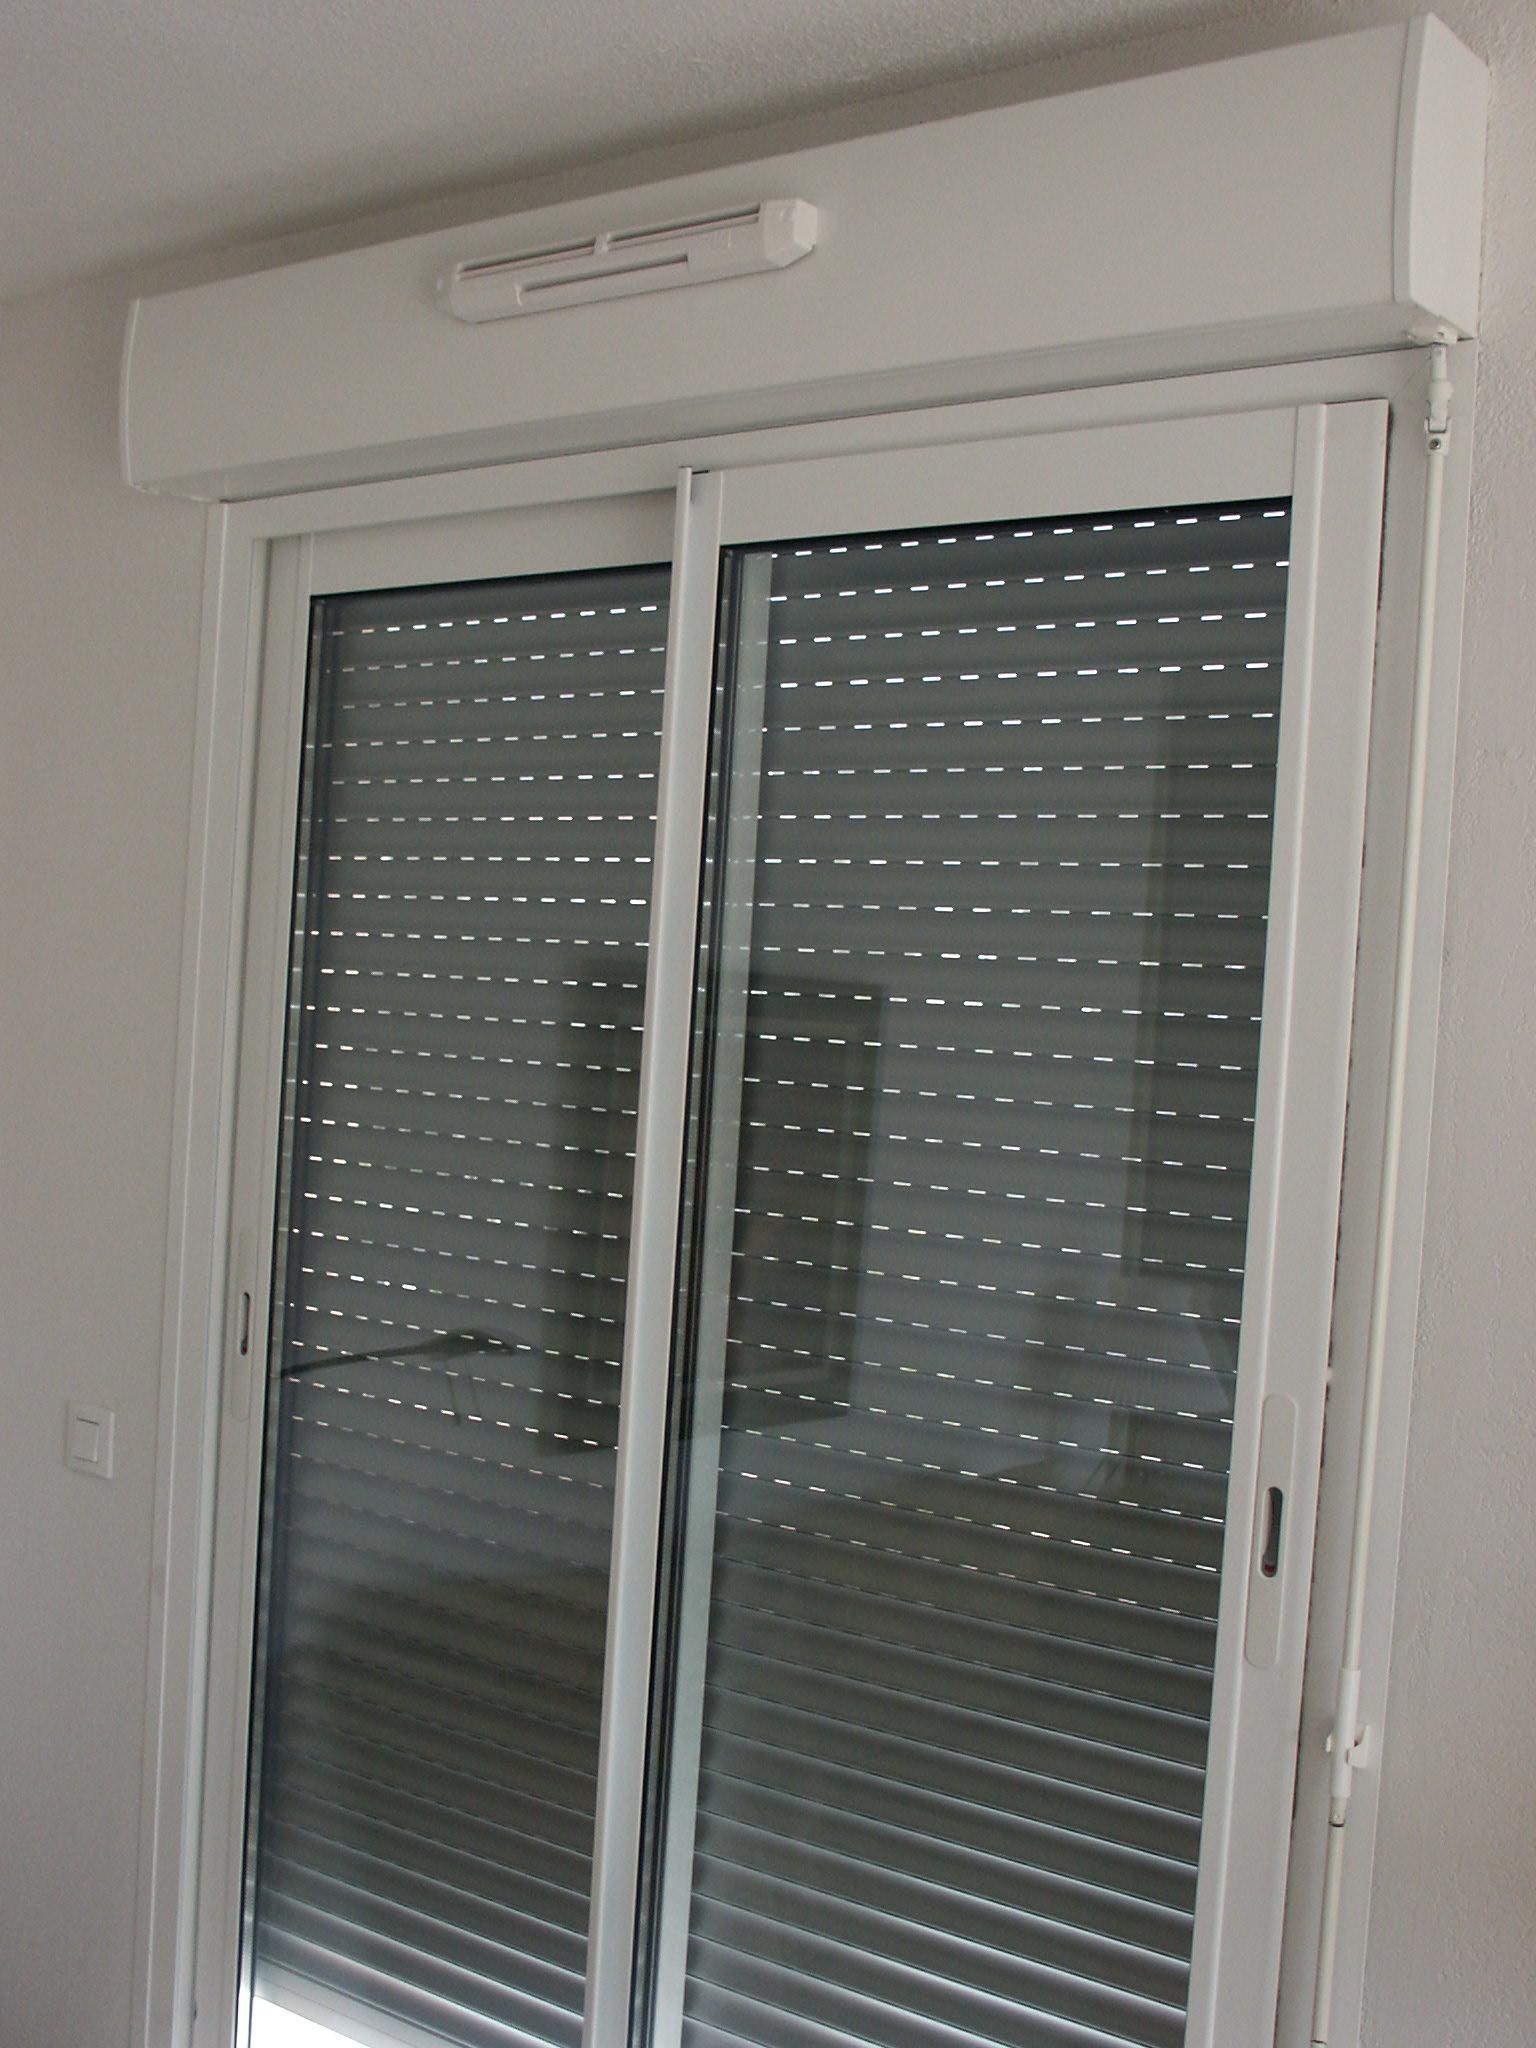 menuiseries aluminium dite monobloc optim 39 alu nice fen tres et portes pvc aluminium. Black Bedroom Furniture Sets. Home Design Ideas